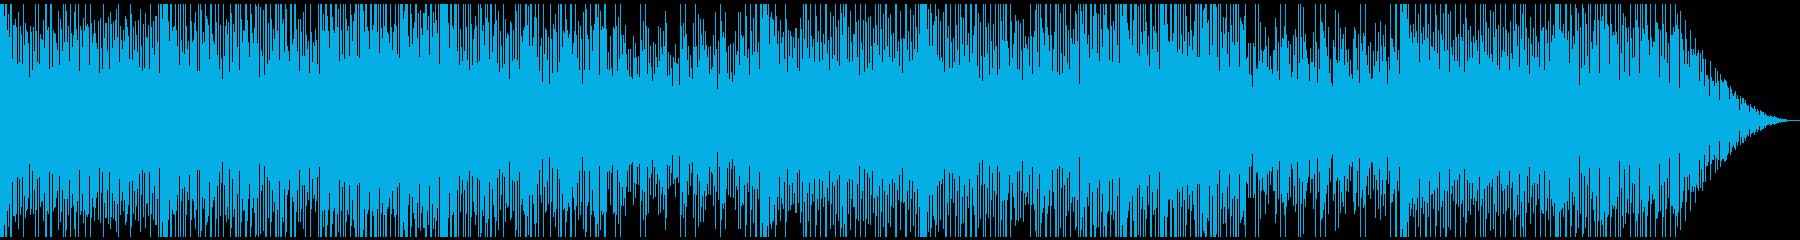 オープニング、トークの背景用BGMの再生済みの波形